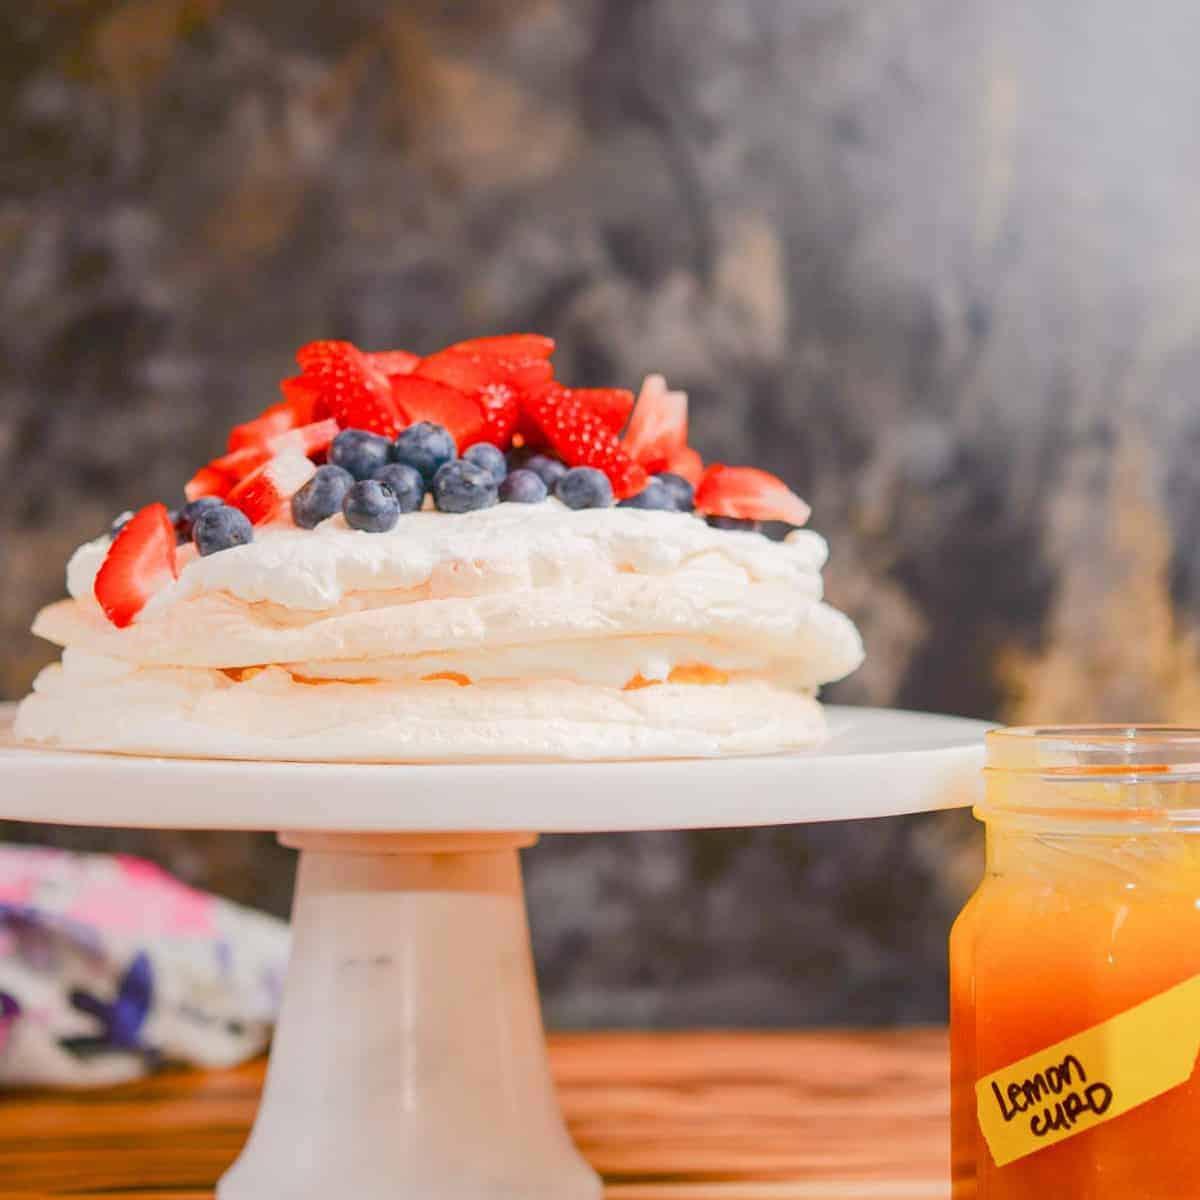 classic pavlova recipe with fresh berries